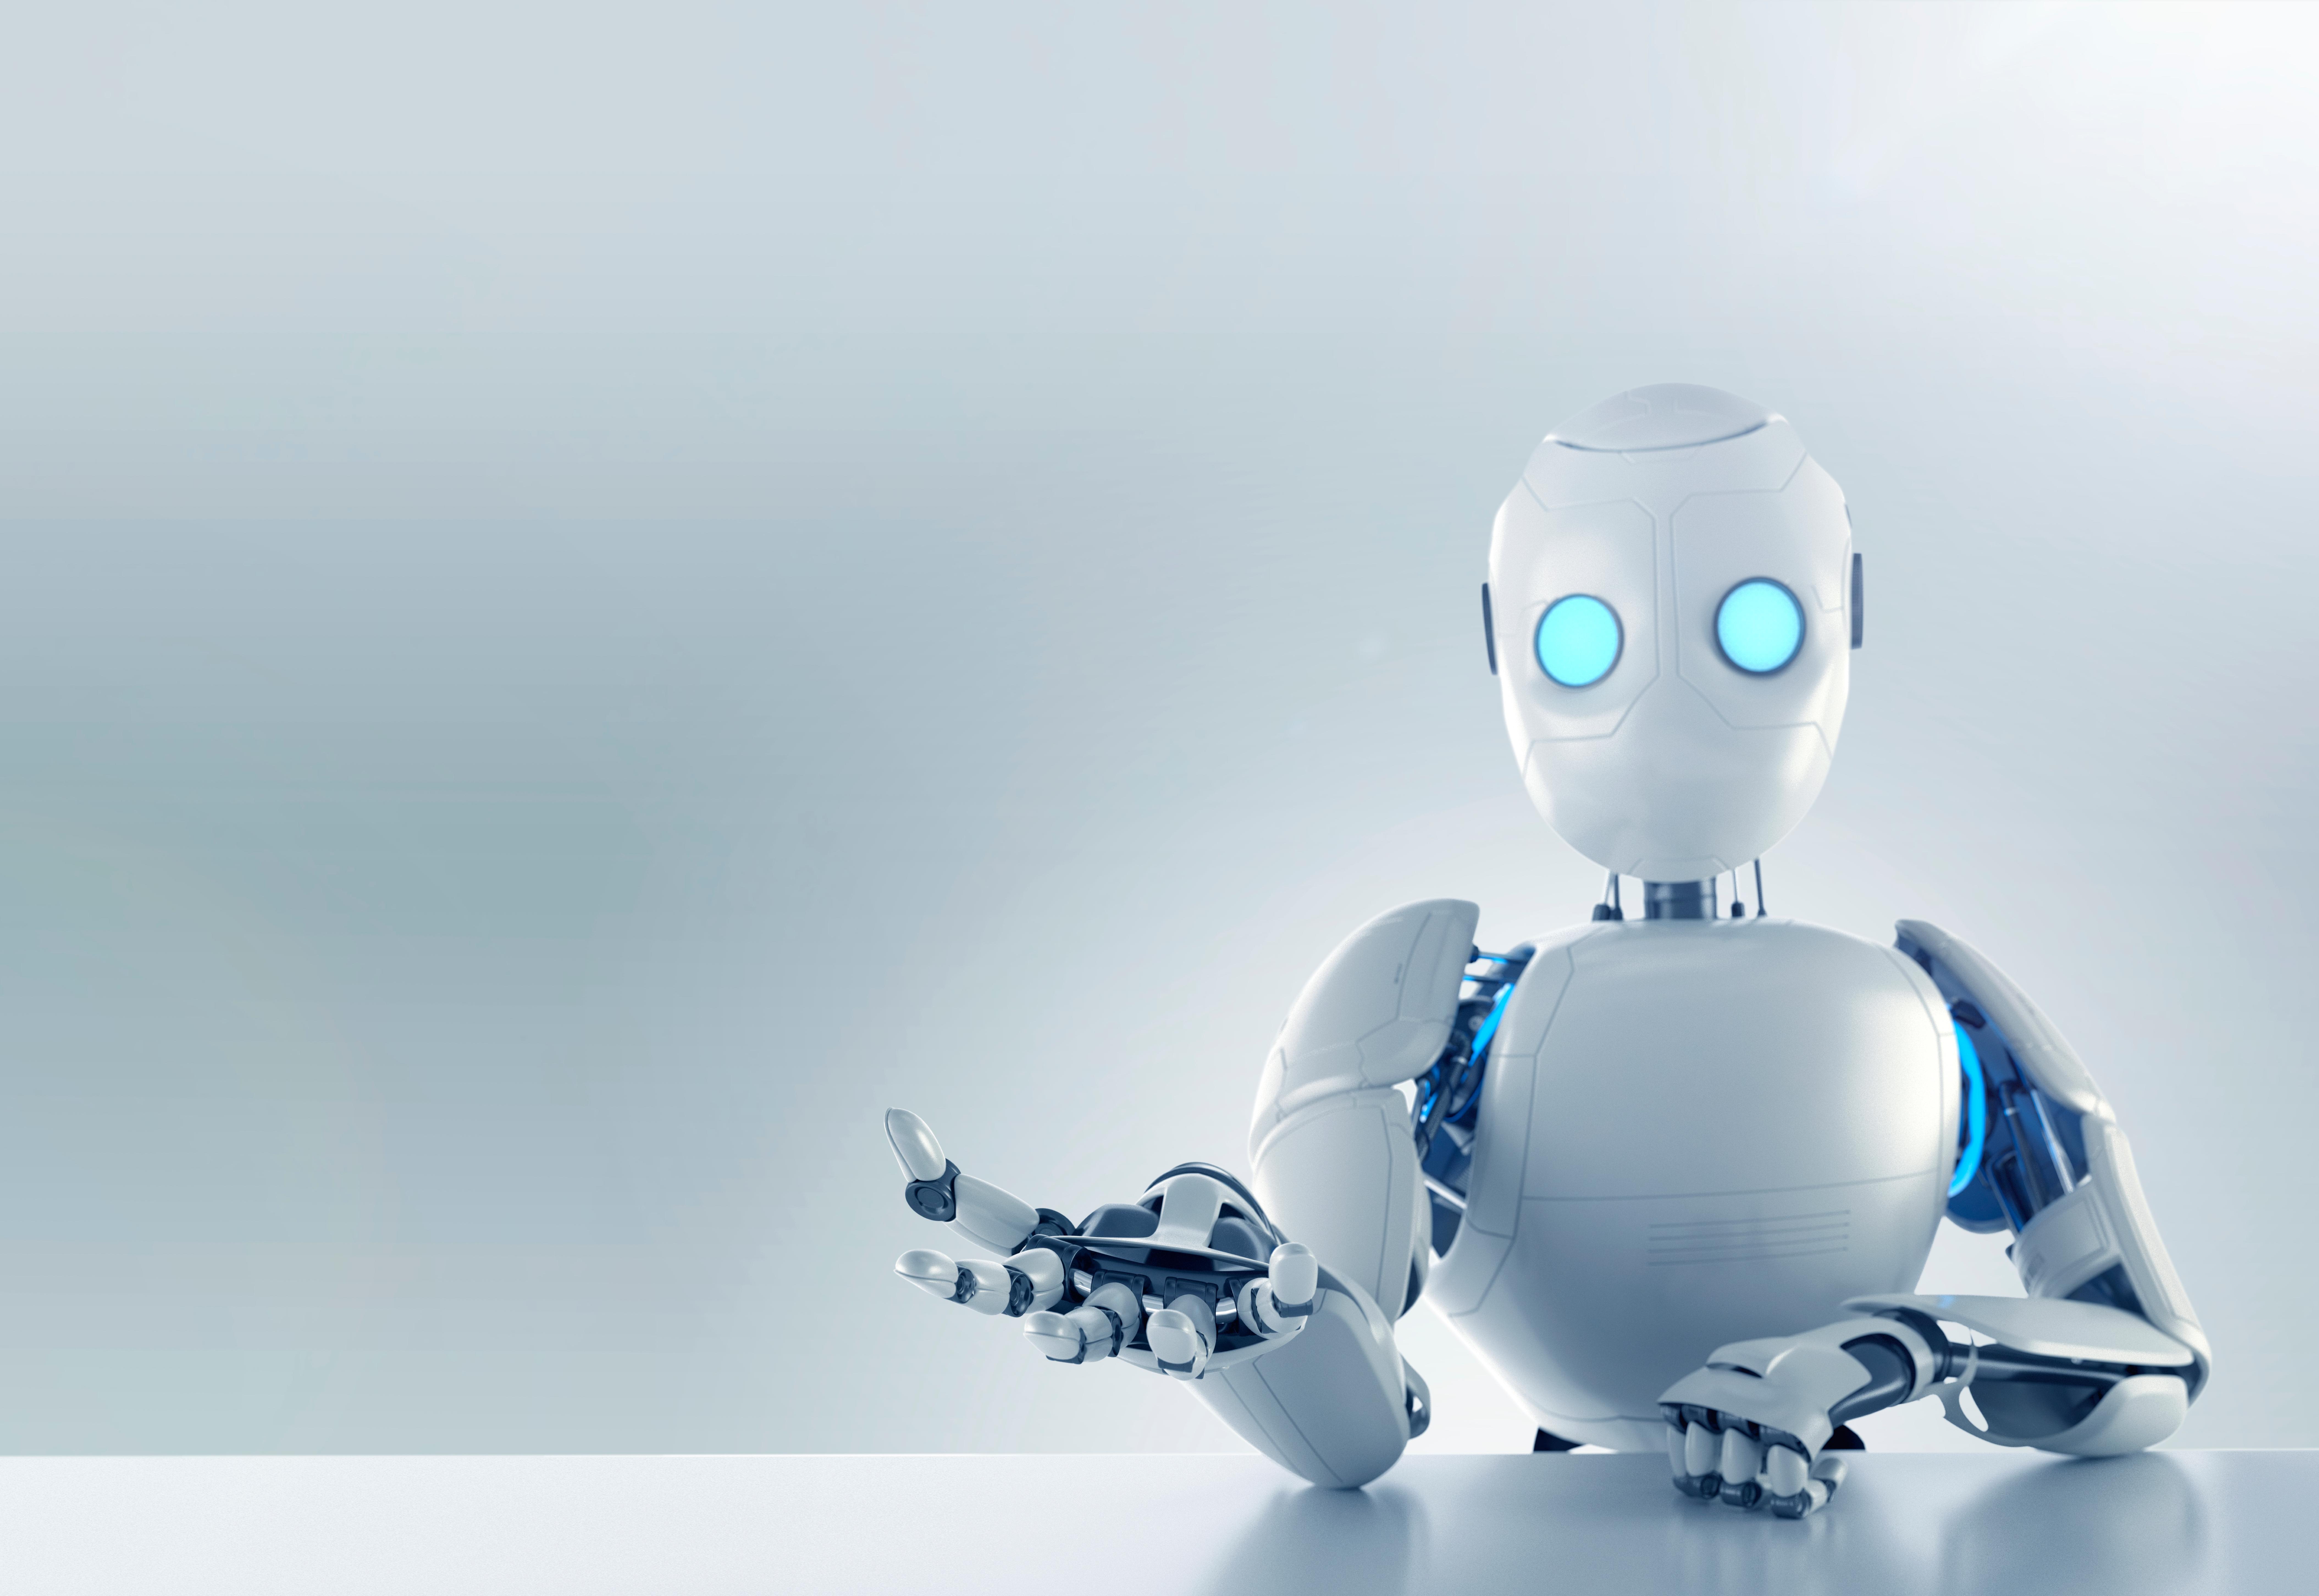 robotics backgrounds - HD1980×1080